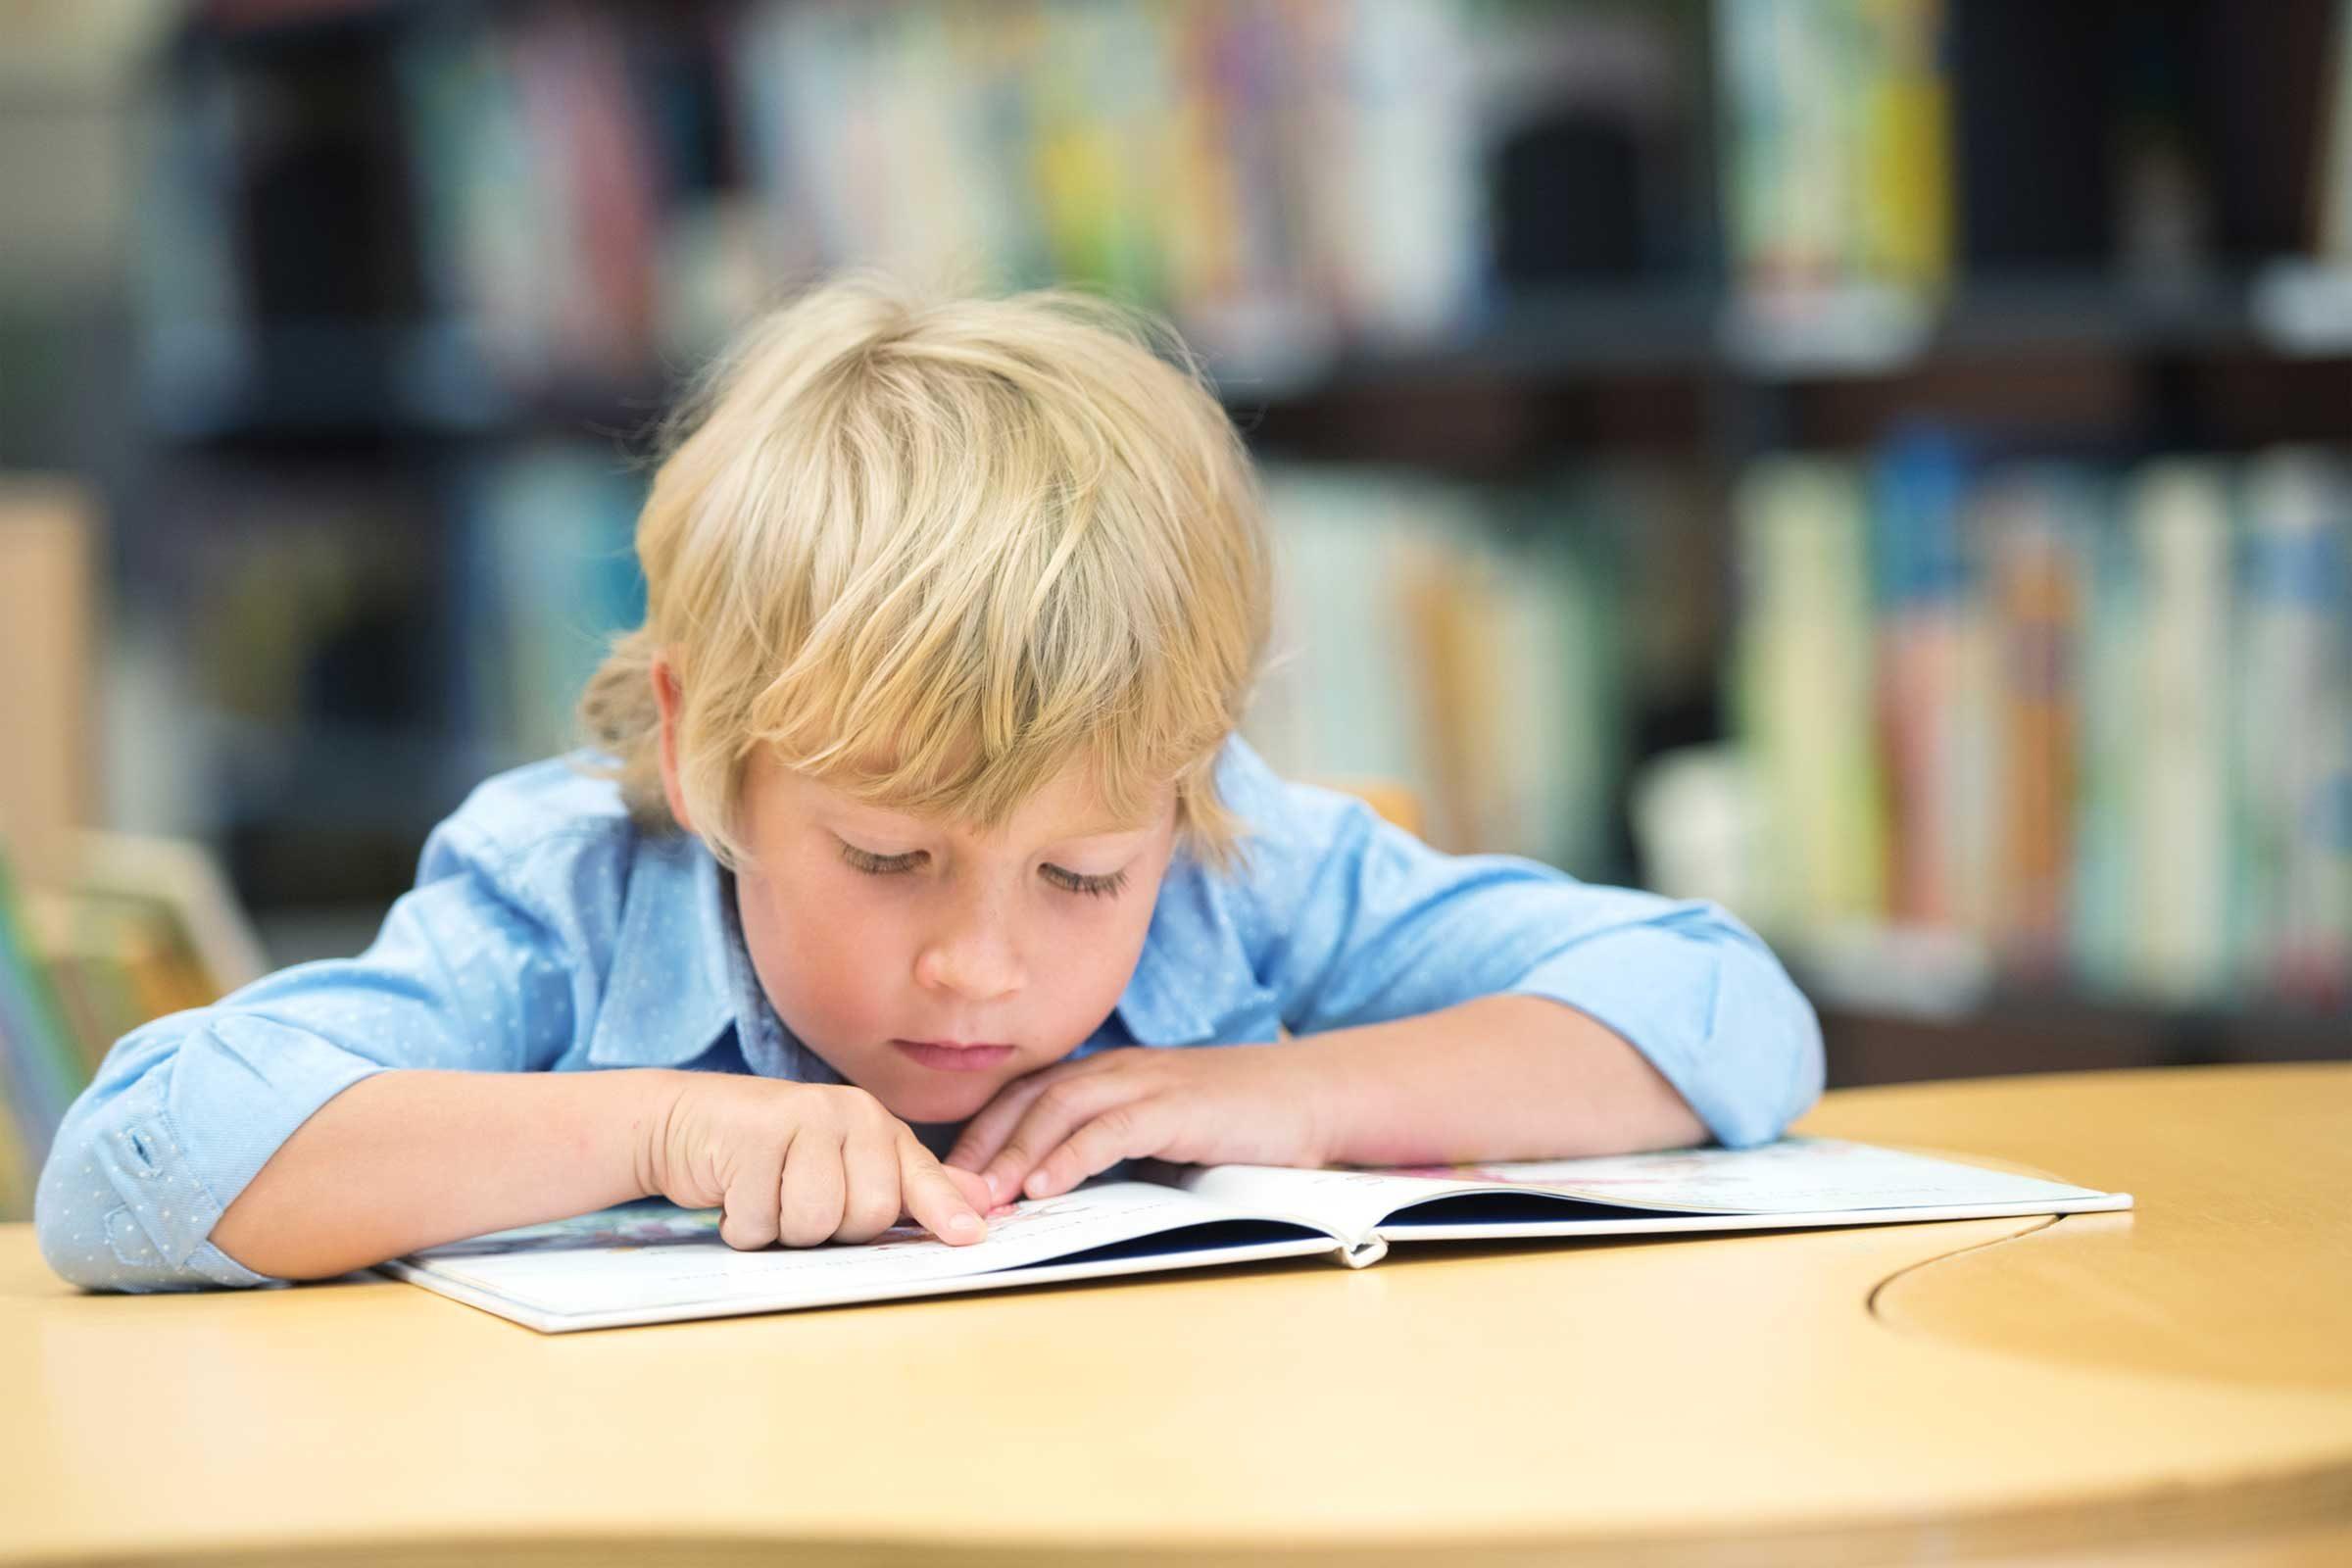 He has delays in reading